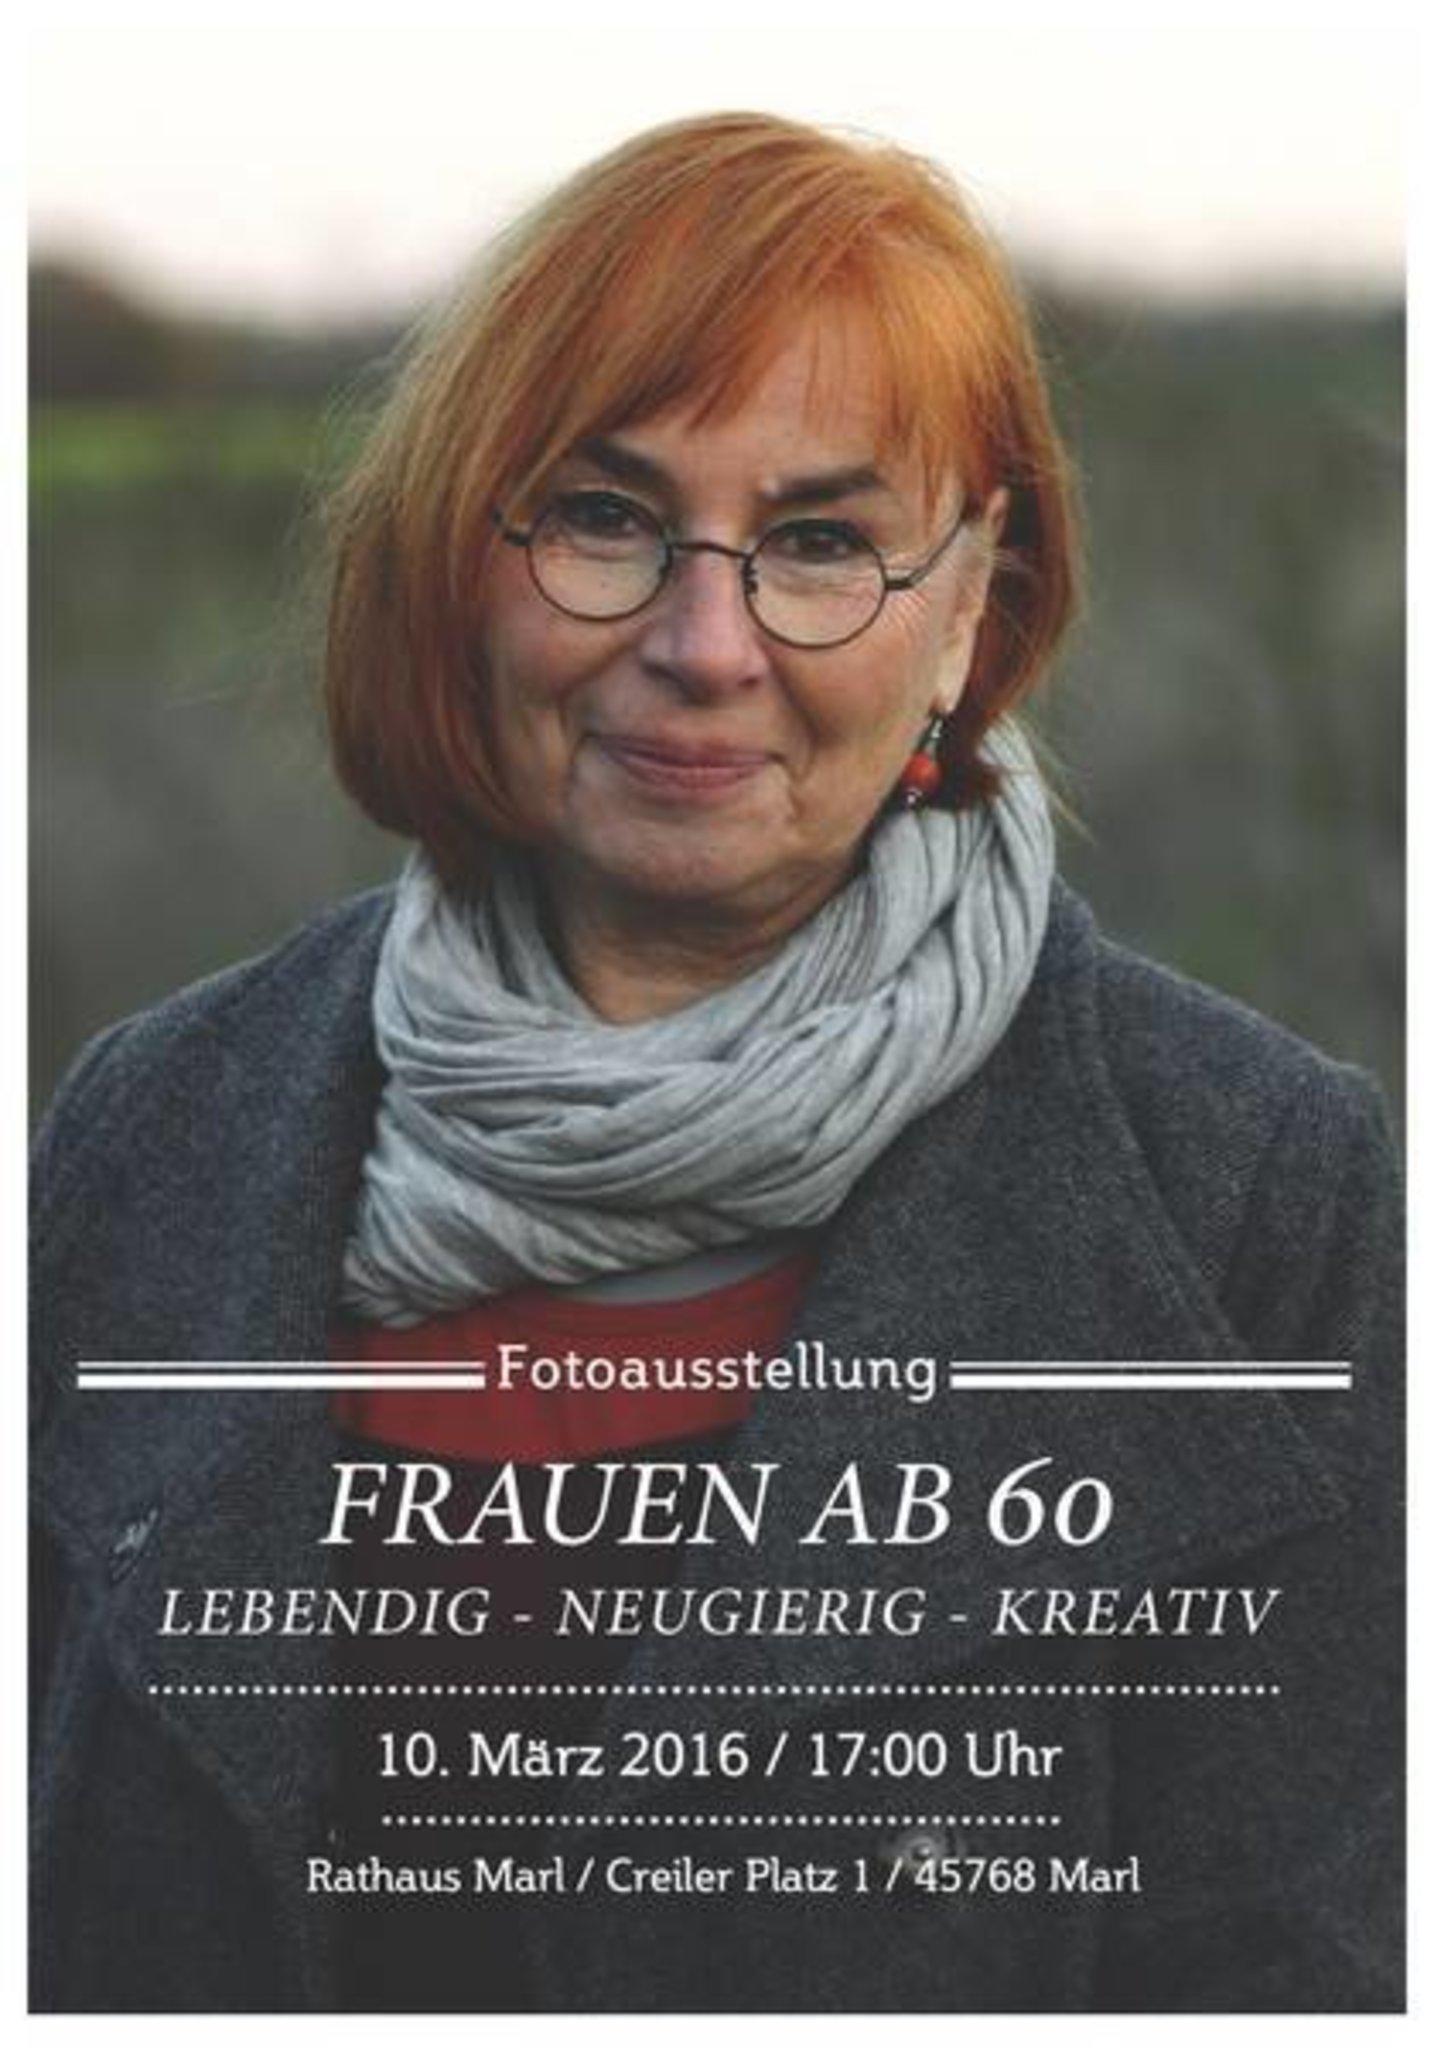 Ausstellung Frauen Ab 60 Noch Bis 1 April Im Rathaus Marl